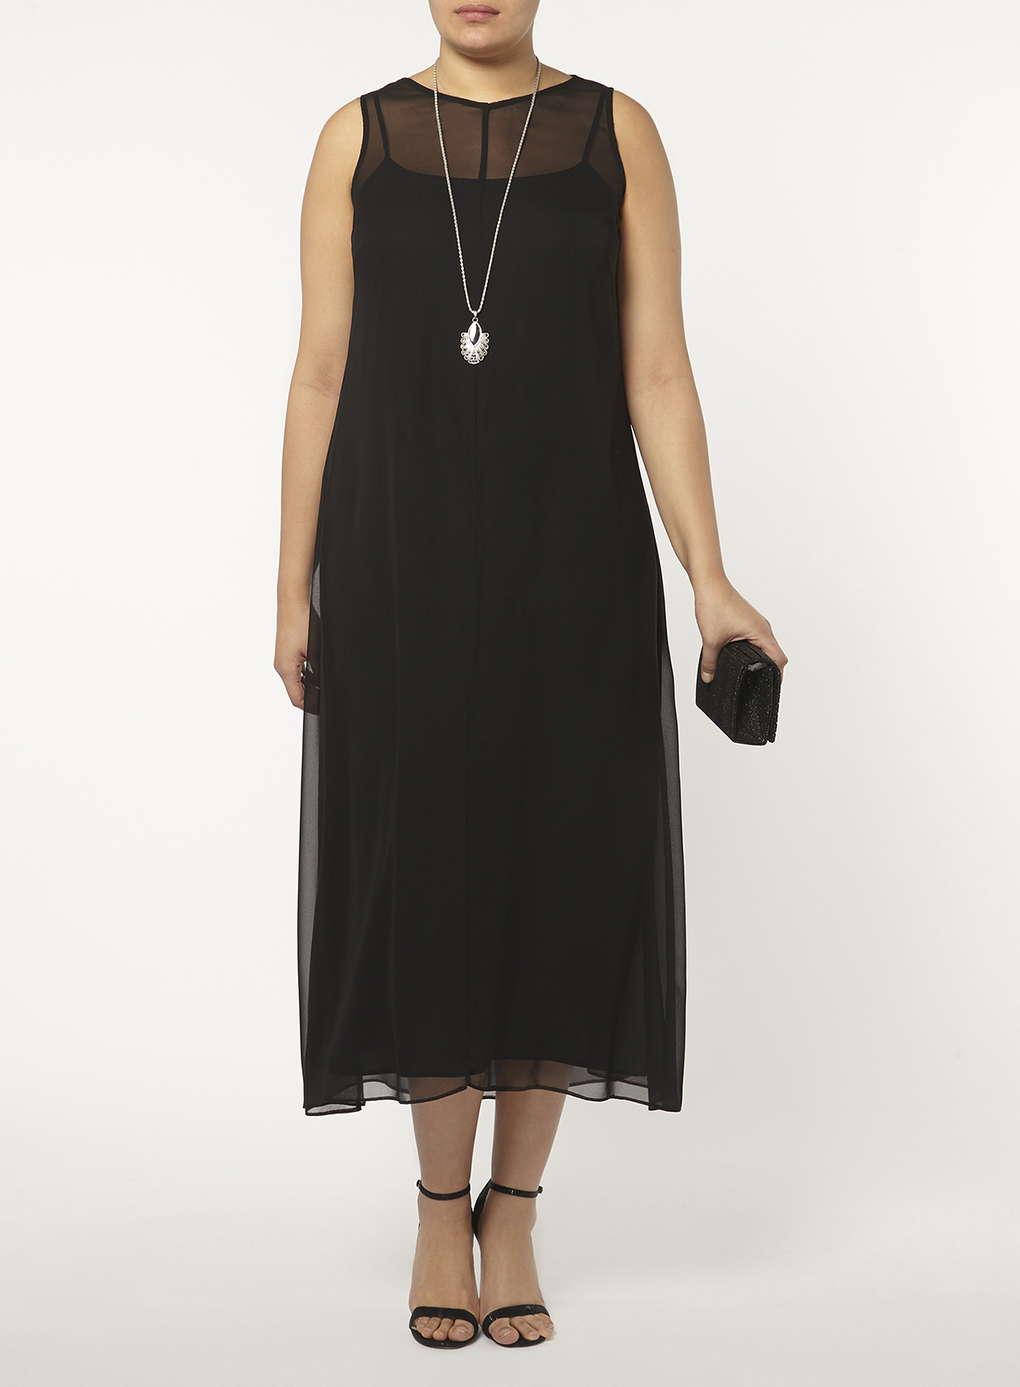 Büyük Beden Uzun Abiye Elbise Modelleri - Gece Elbiseleri - plus size dresses (1)